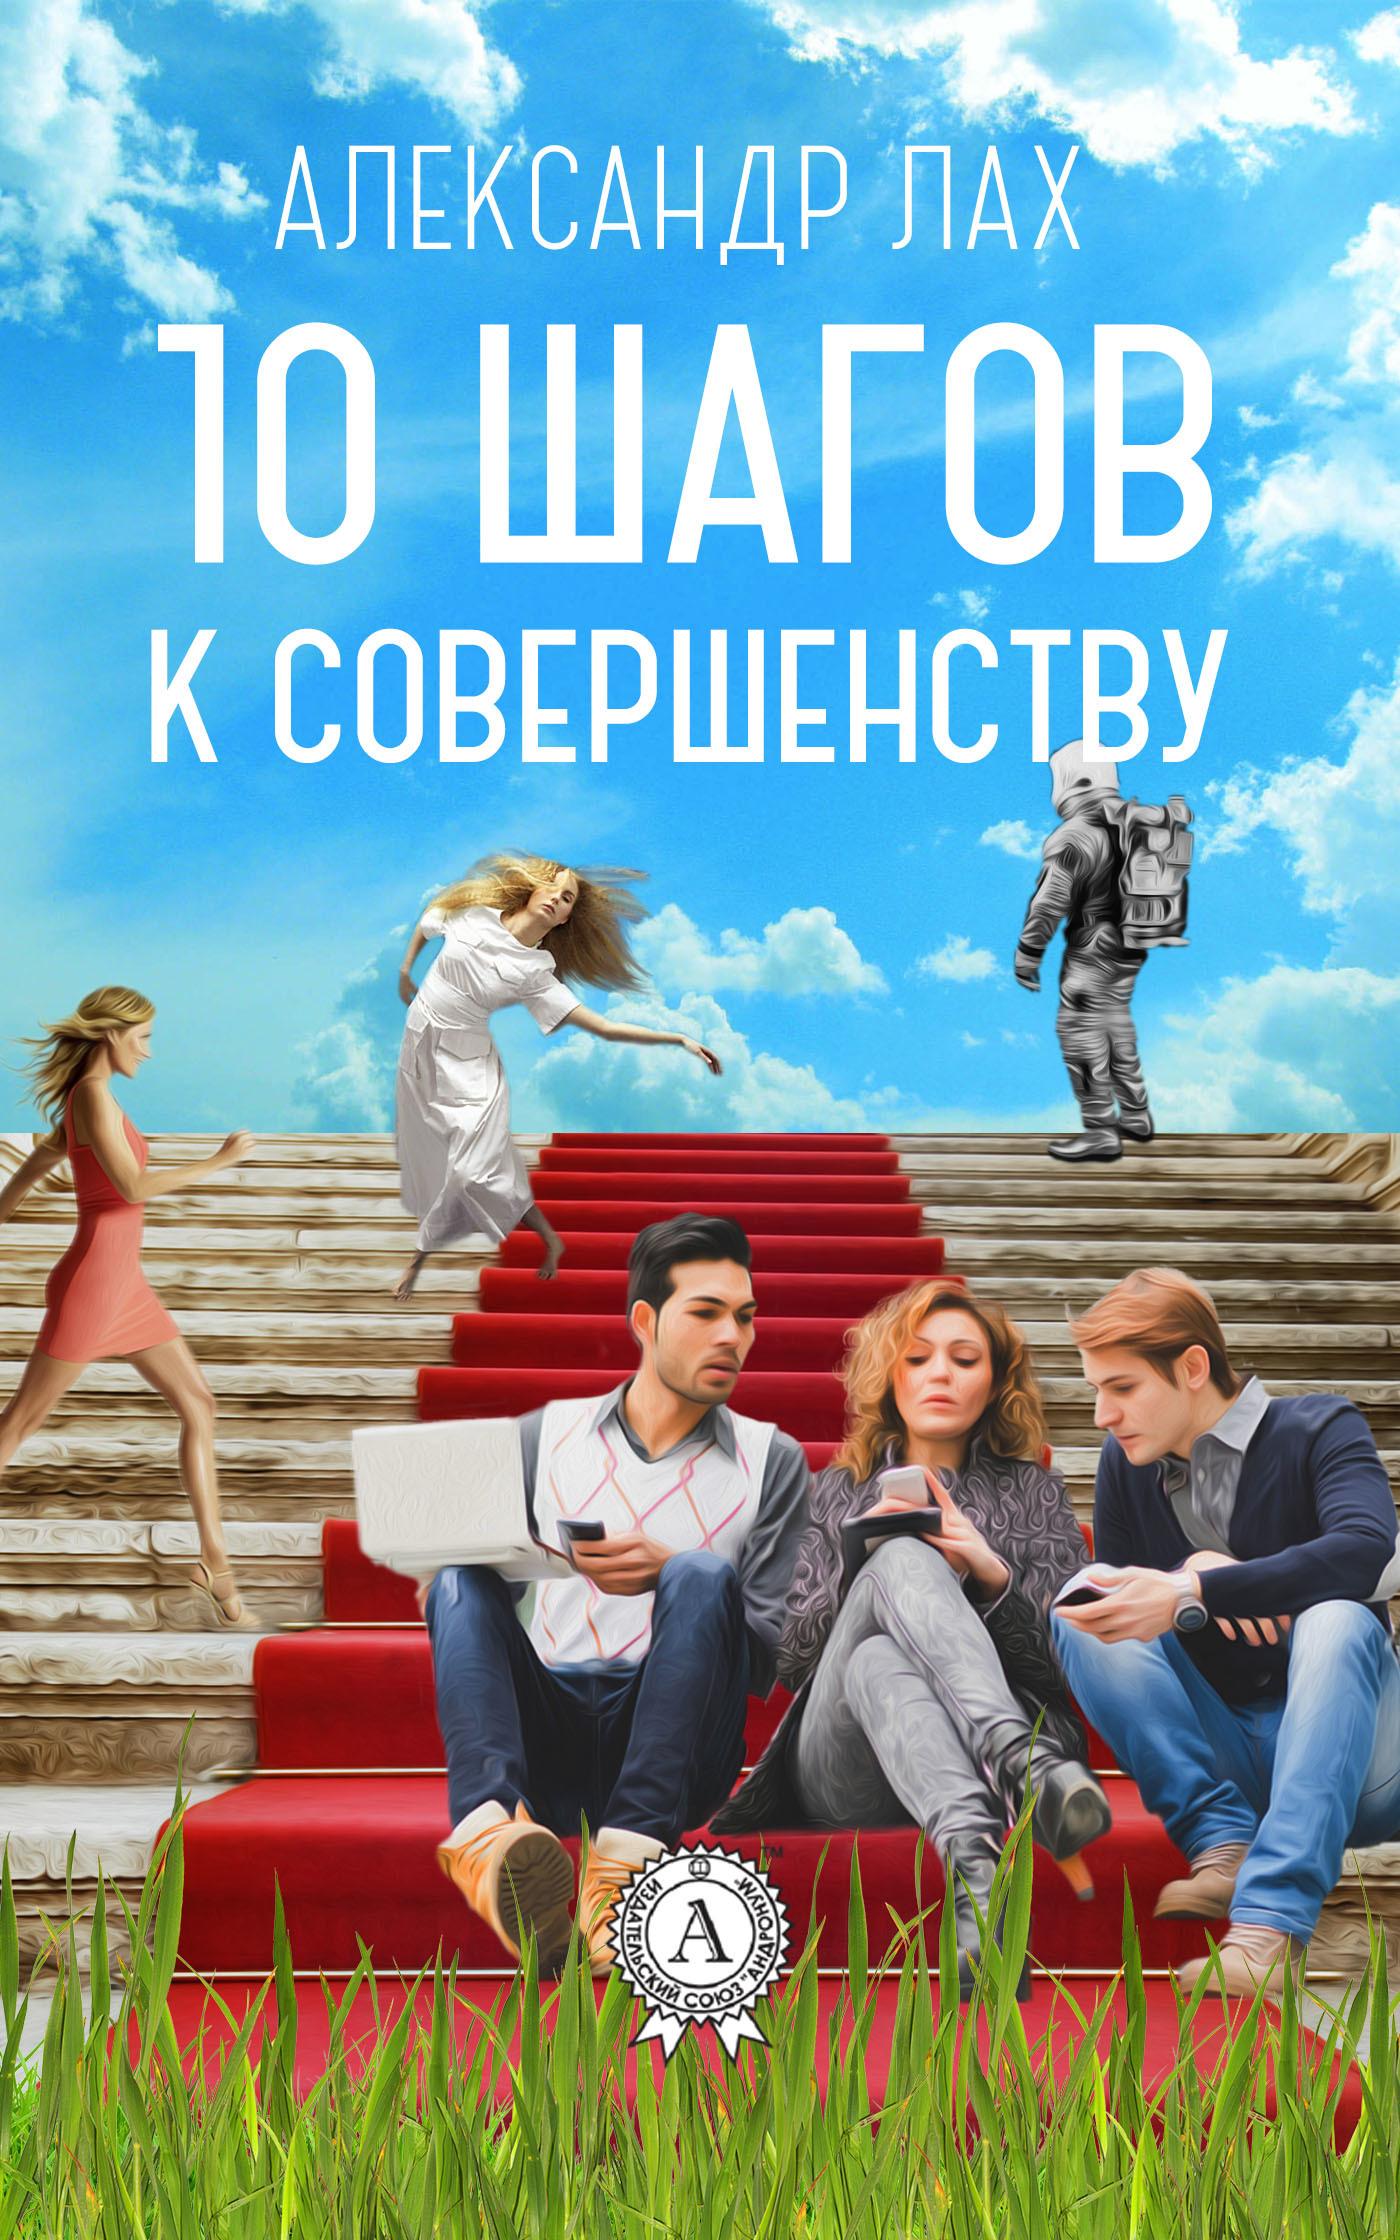 Александр Лах 10 шагов к совершенству александр лах 10 шагов к совершенству